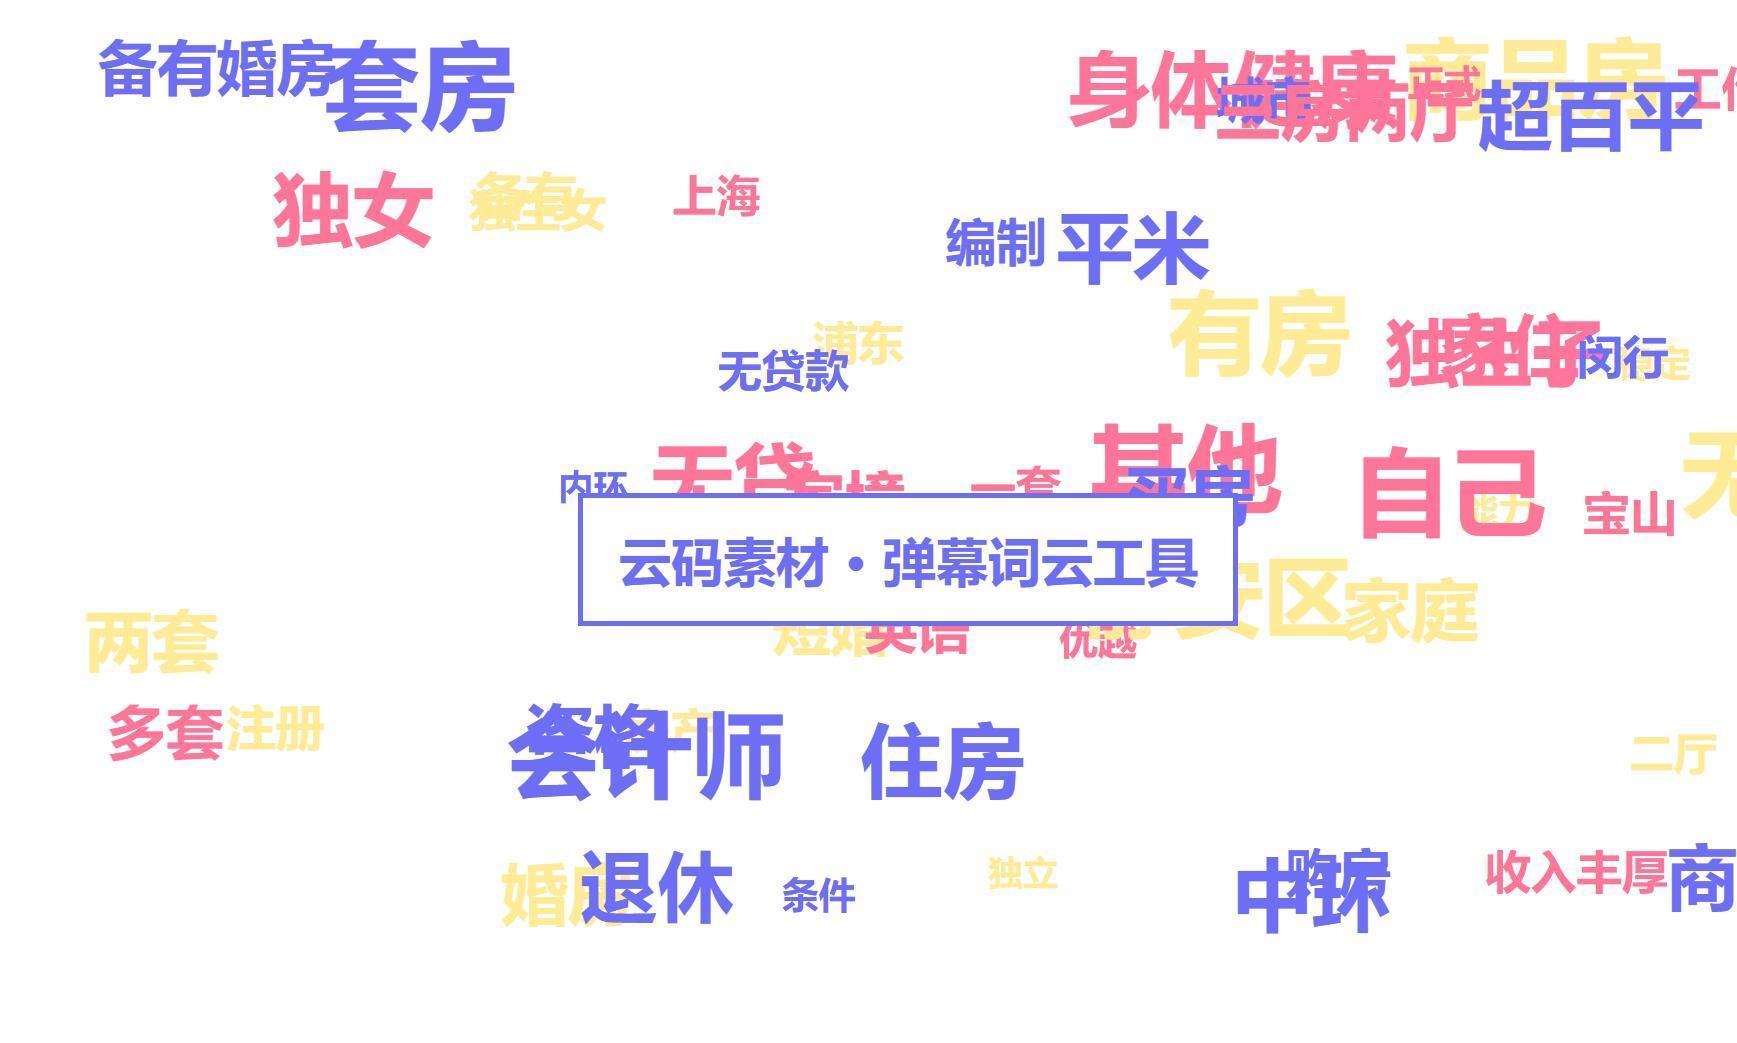 弹幕生成器代码.jpg